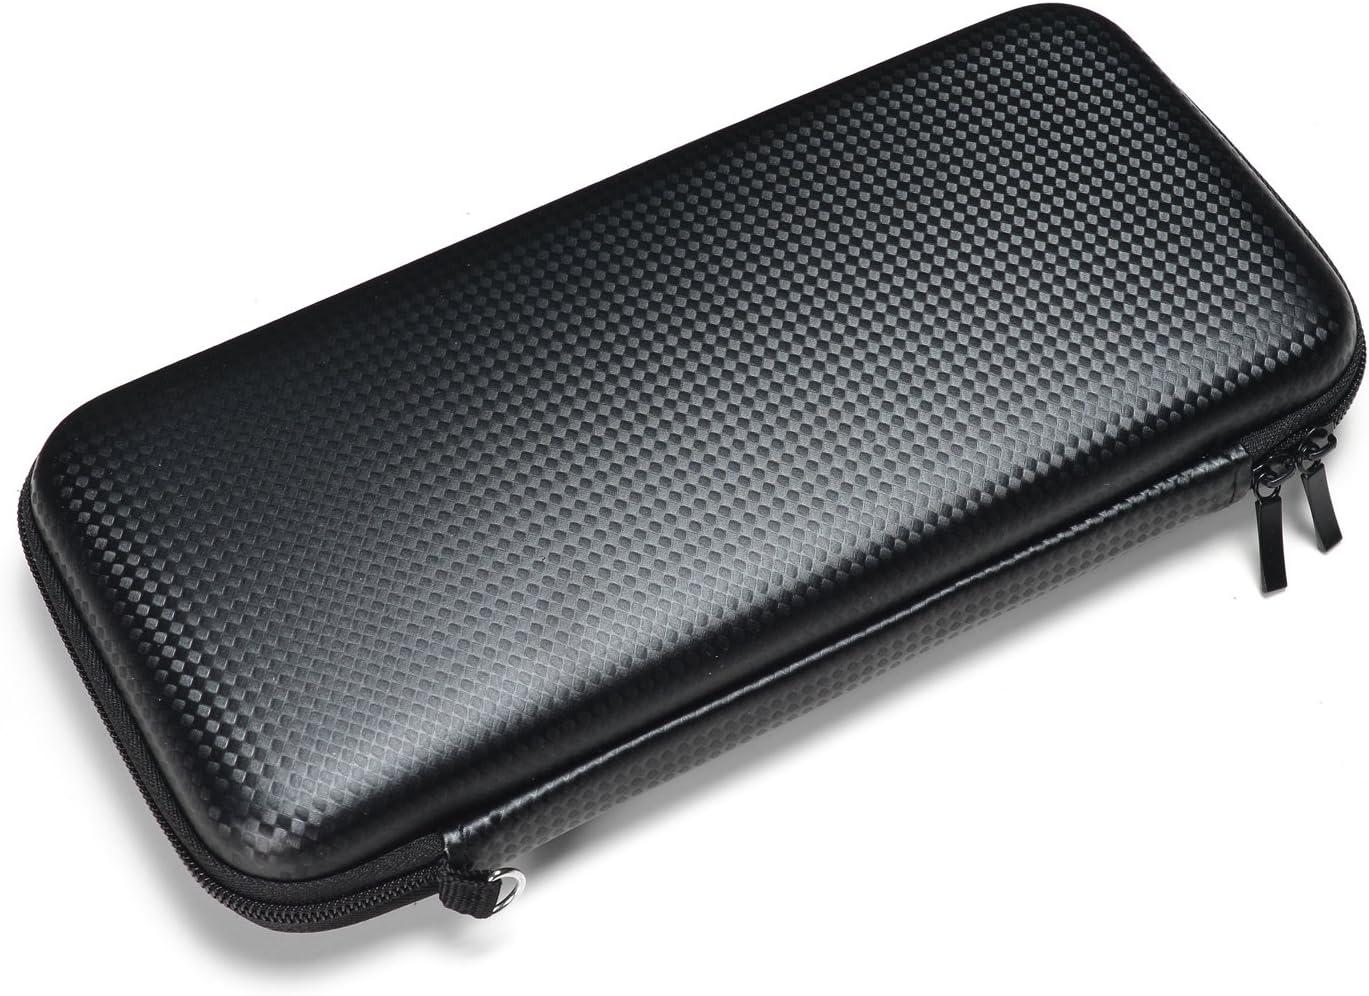 AGPtek Estuche Viajero para Nintendo Switch Set de 13 PZAS , Bolsa Portátil con Estuche para Tarjetas para Juegos, Protector para Pantalla, Cubierta para Joy-Con y Audífonos Incluidos: Amazon.es: Videojuegos